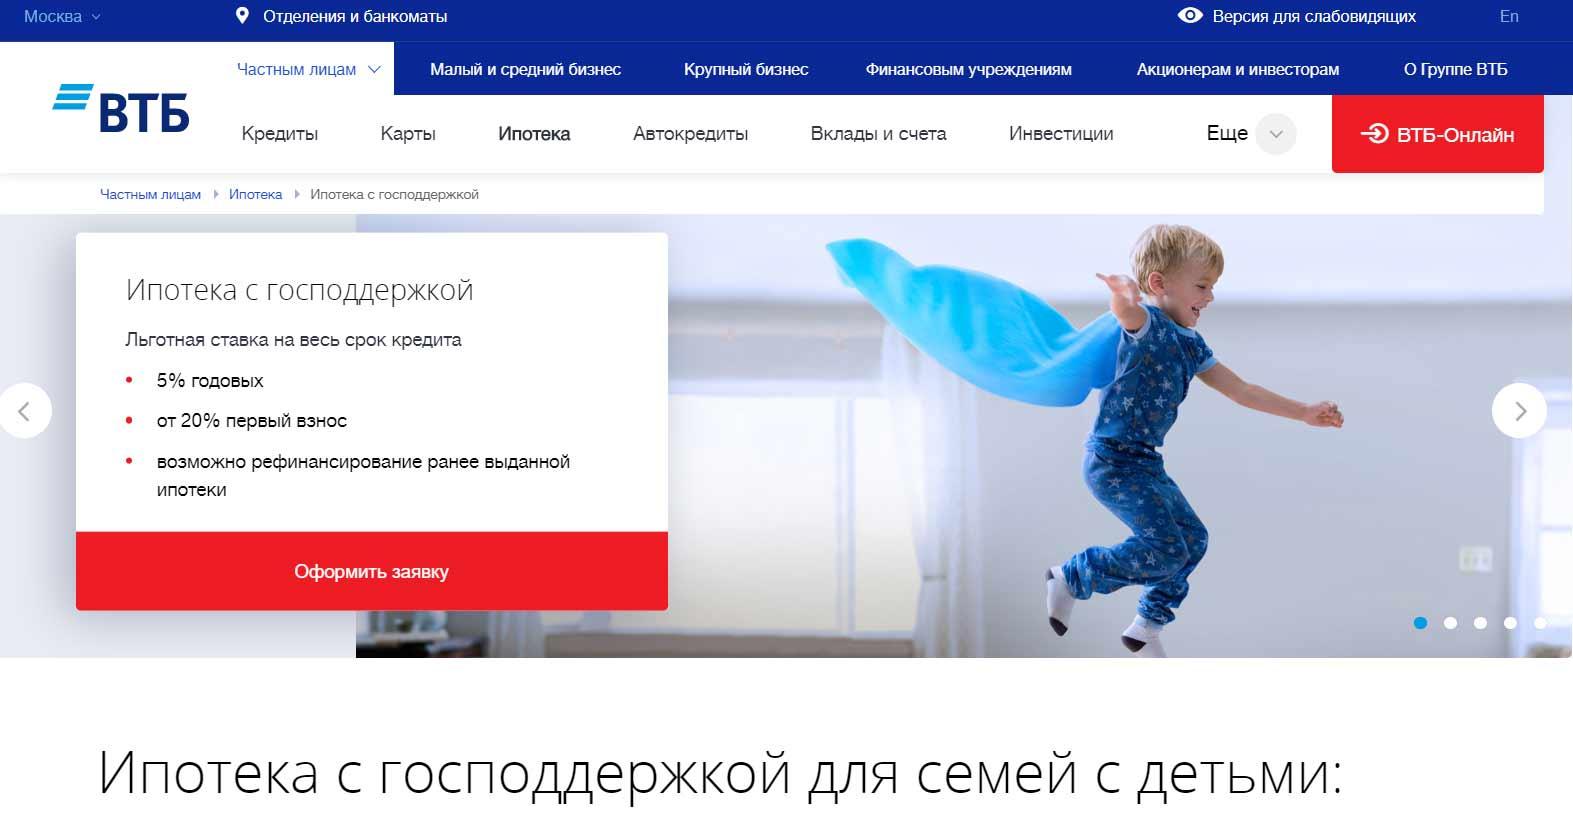 Ипотека с господдержкой для семей с детьми в ВТБ